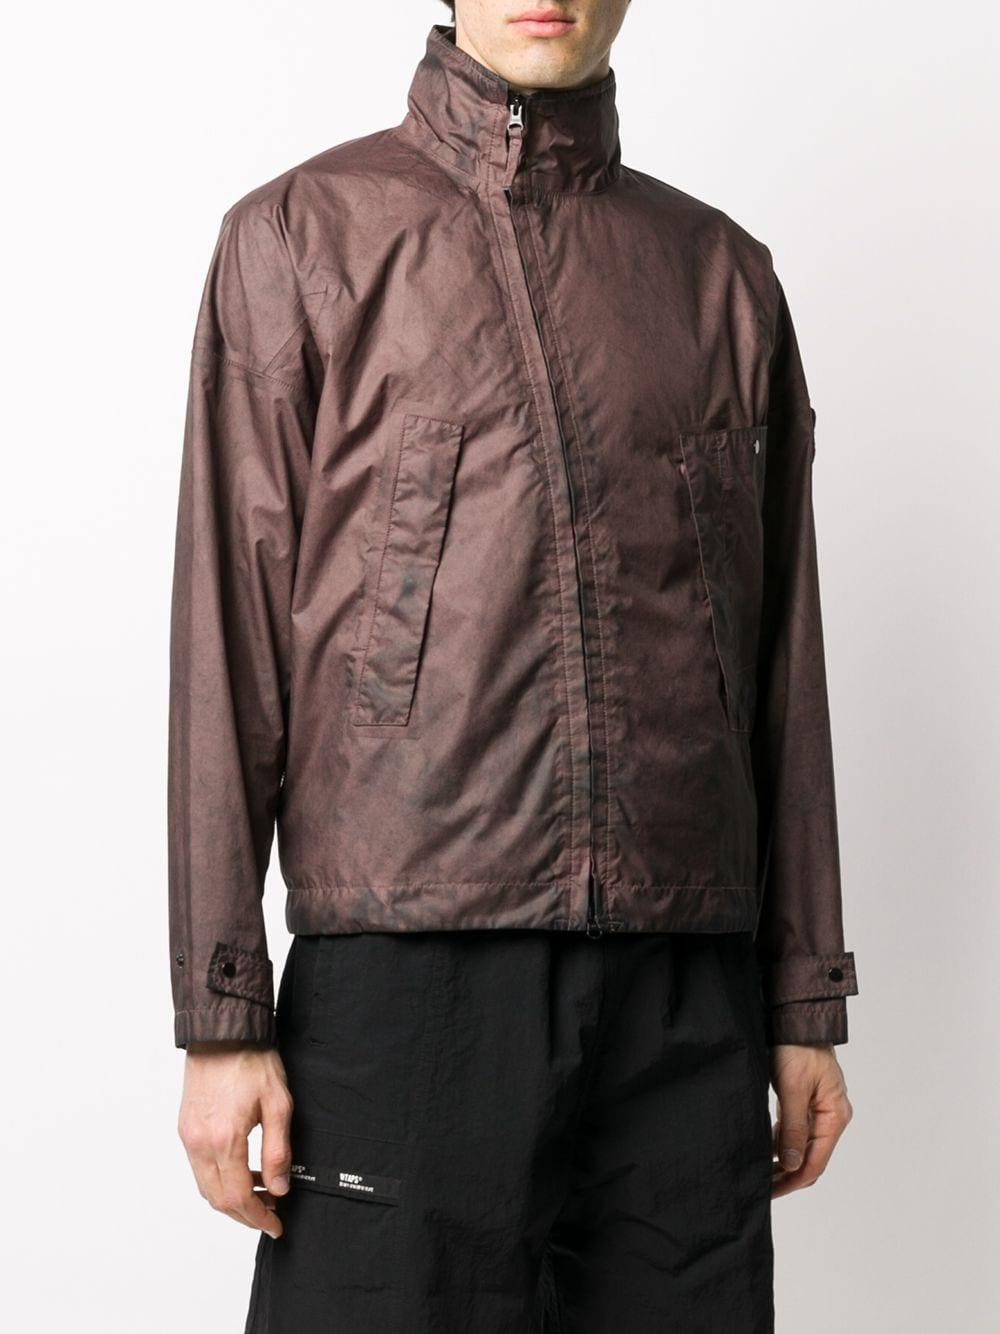 Membrana 3L brown wind breaker jacket STONE ISLAND |  | 721541524V0076